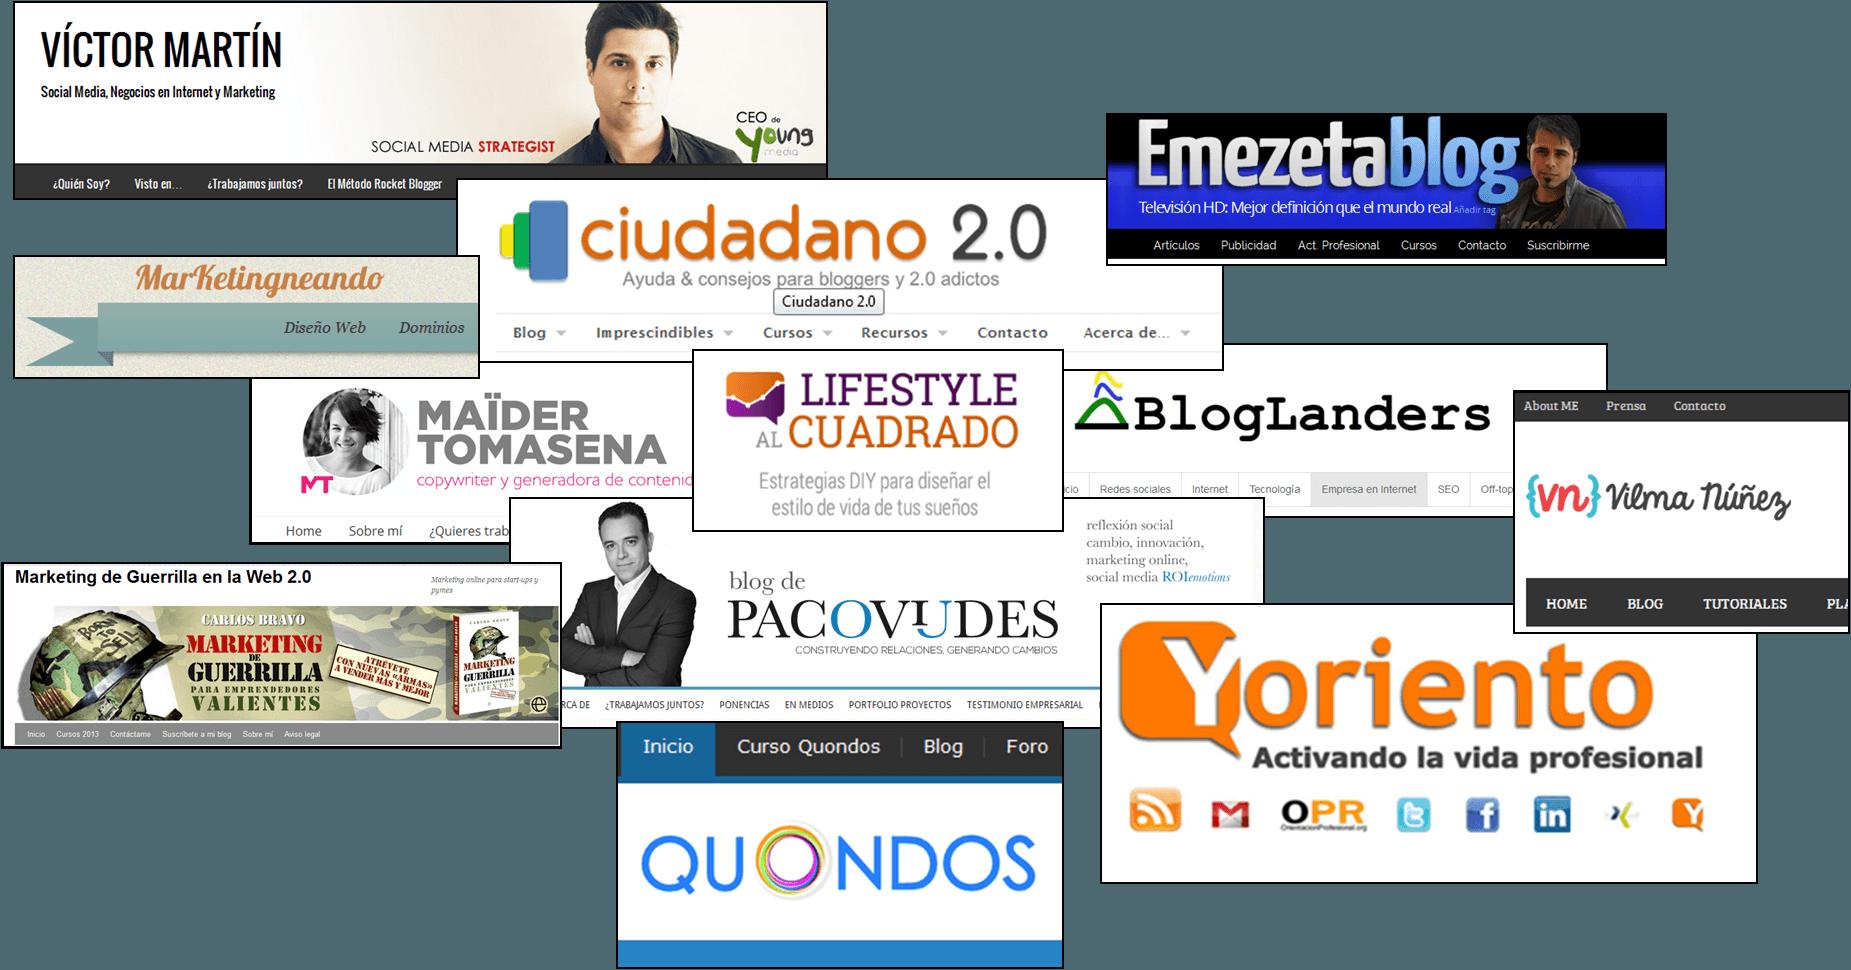 Los 13 mejores post de SEO, marketing digital y social media